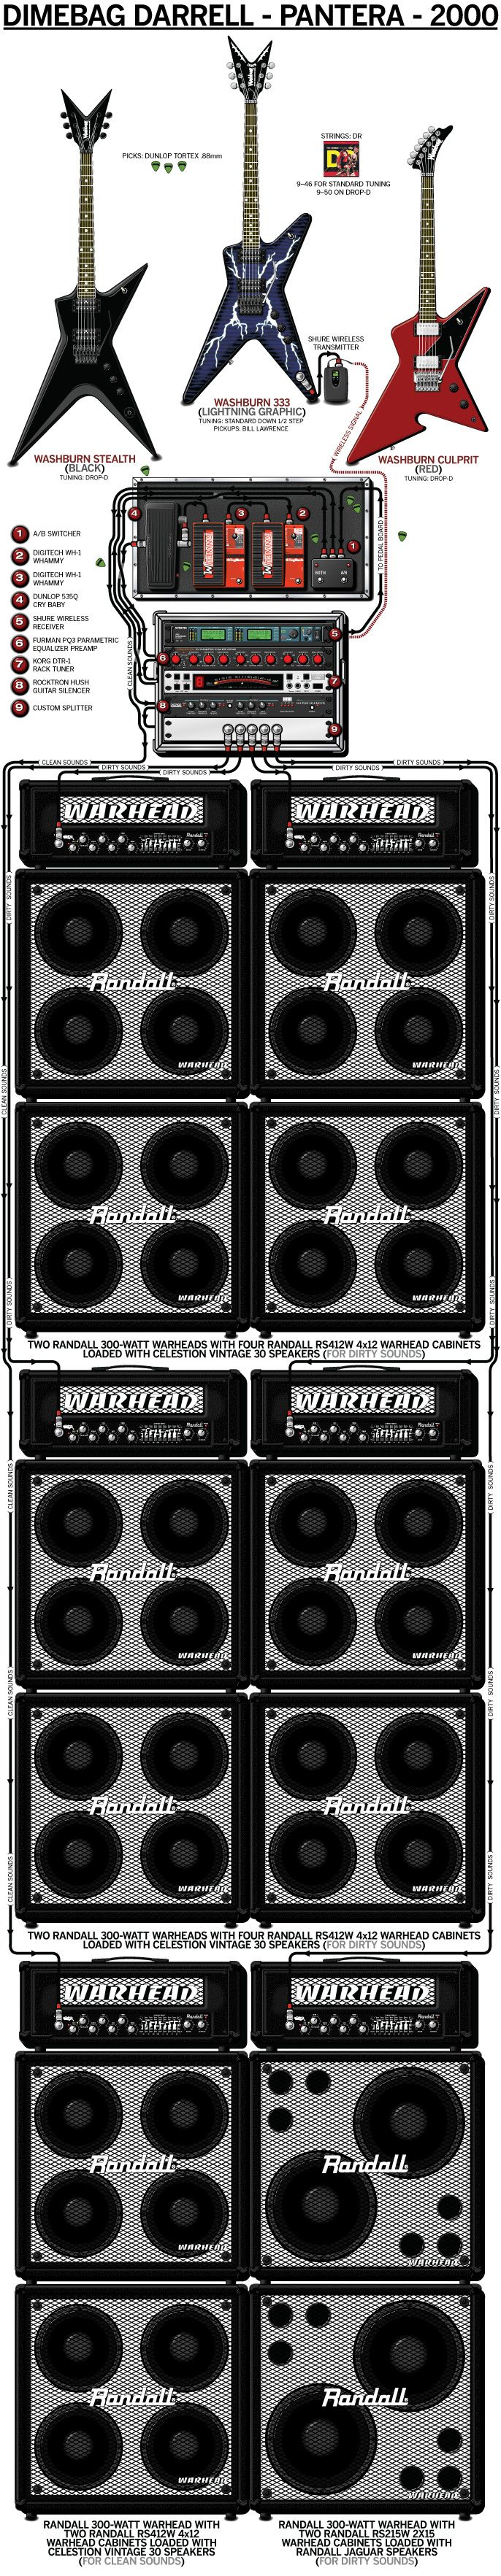 dimebag darrell 39 s 2000 guitar rig for pantera guitar rig guitar rig guitar guitar pedals. Black Bedroom Furniture Sets. Home Design Ideas